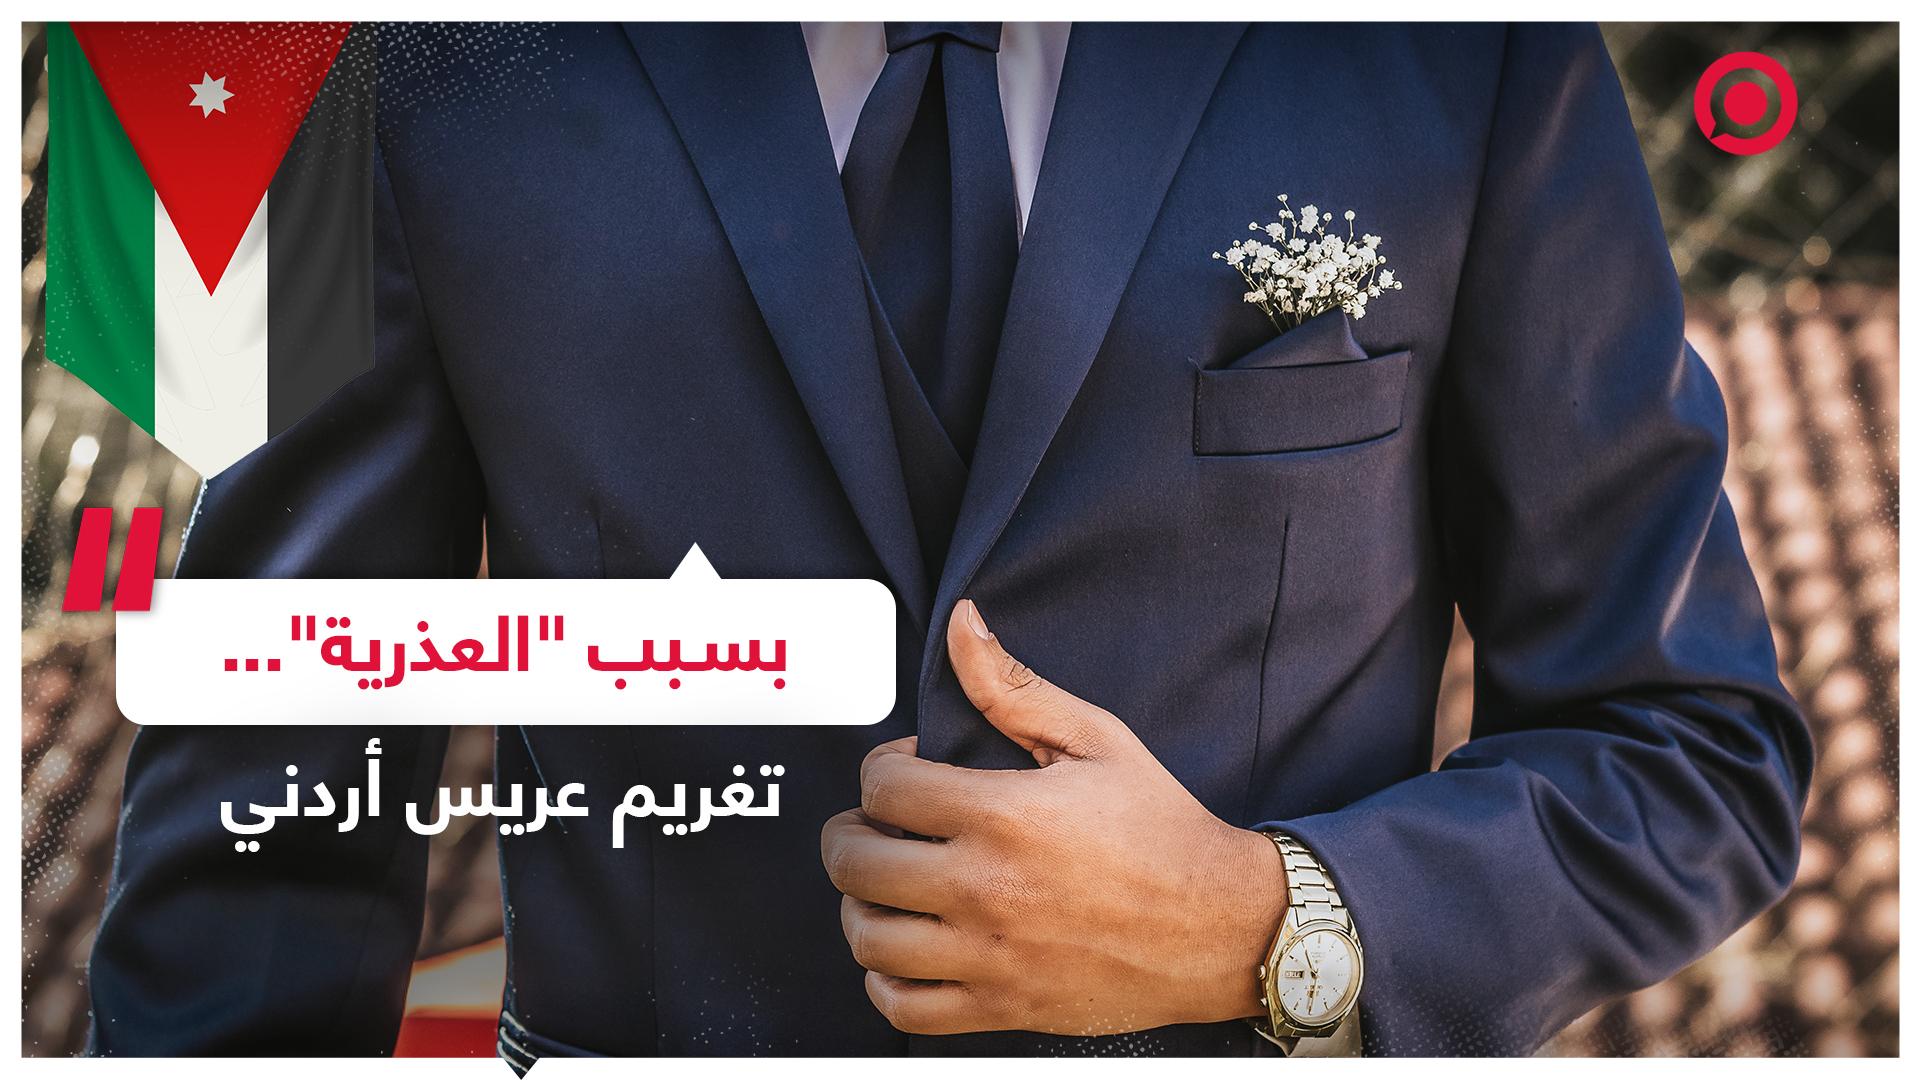 #الأردن #زفاف #عذرية #مجتمع